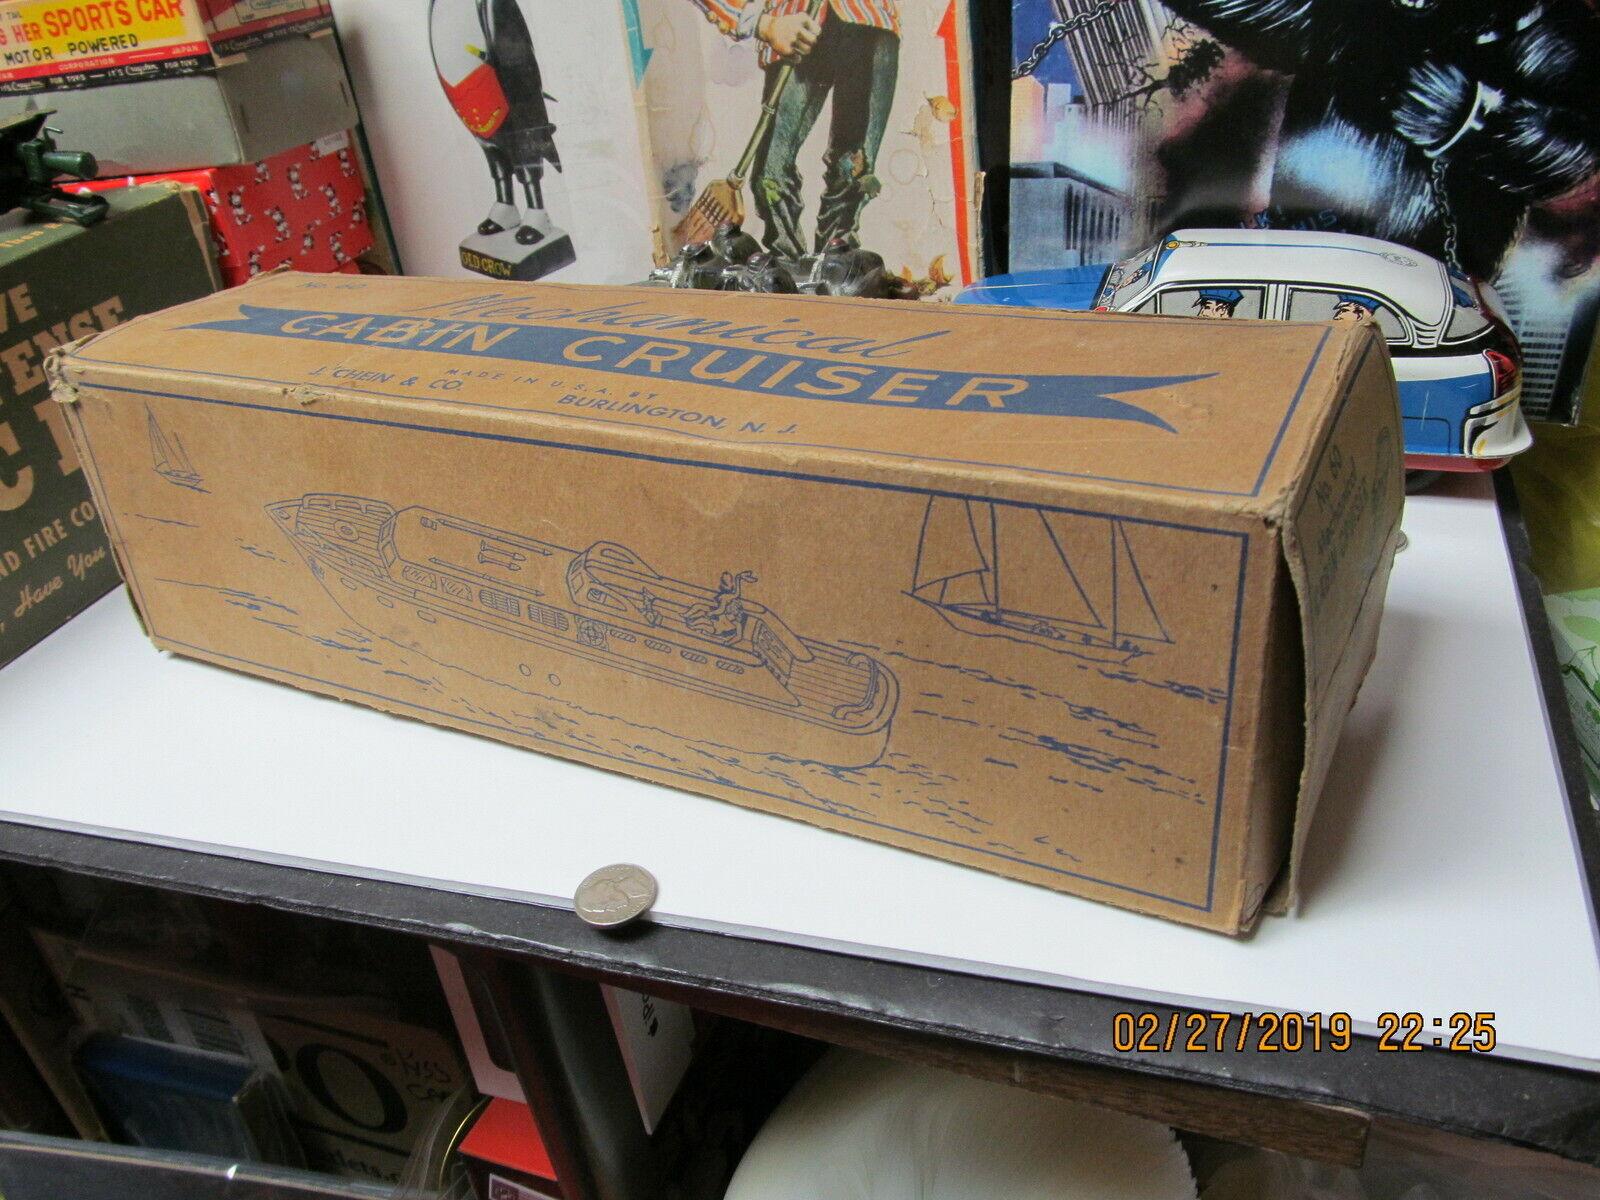 CHEIN PRINCESS PAT WIND UP TIN TIN TIN CABIN CRUISER BOAT IN BOX 15  NEAR MINT 1950'S 289ae0